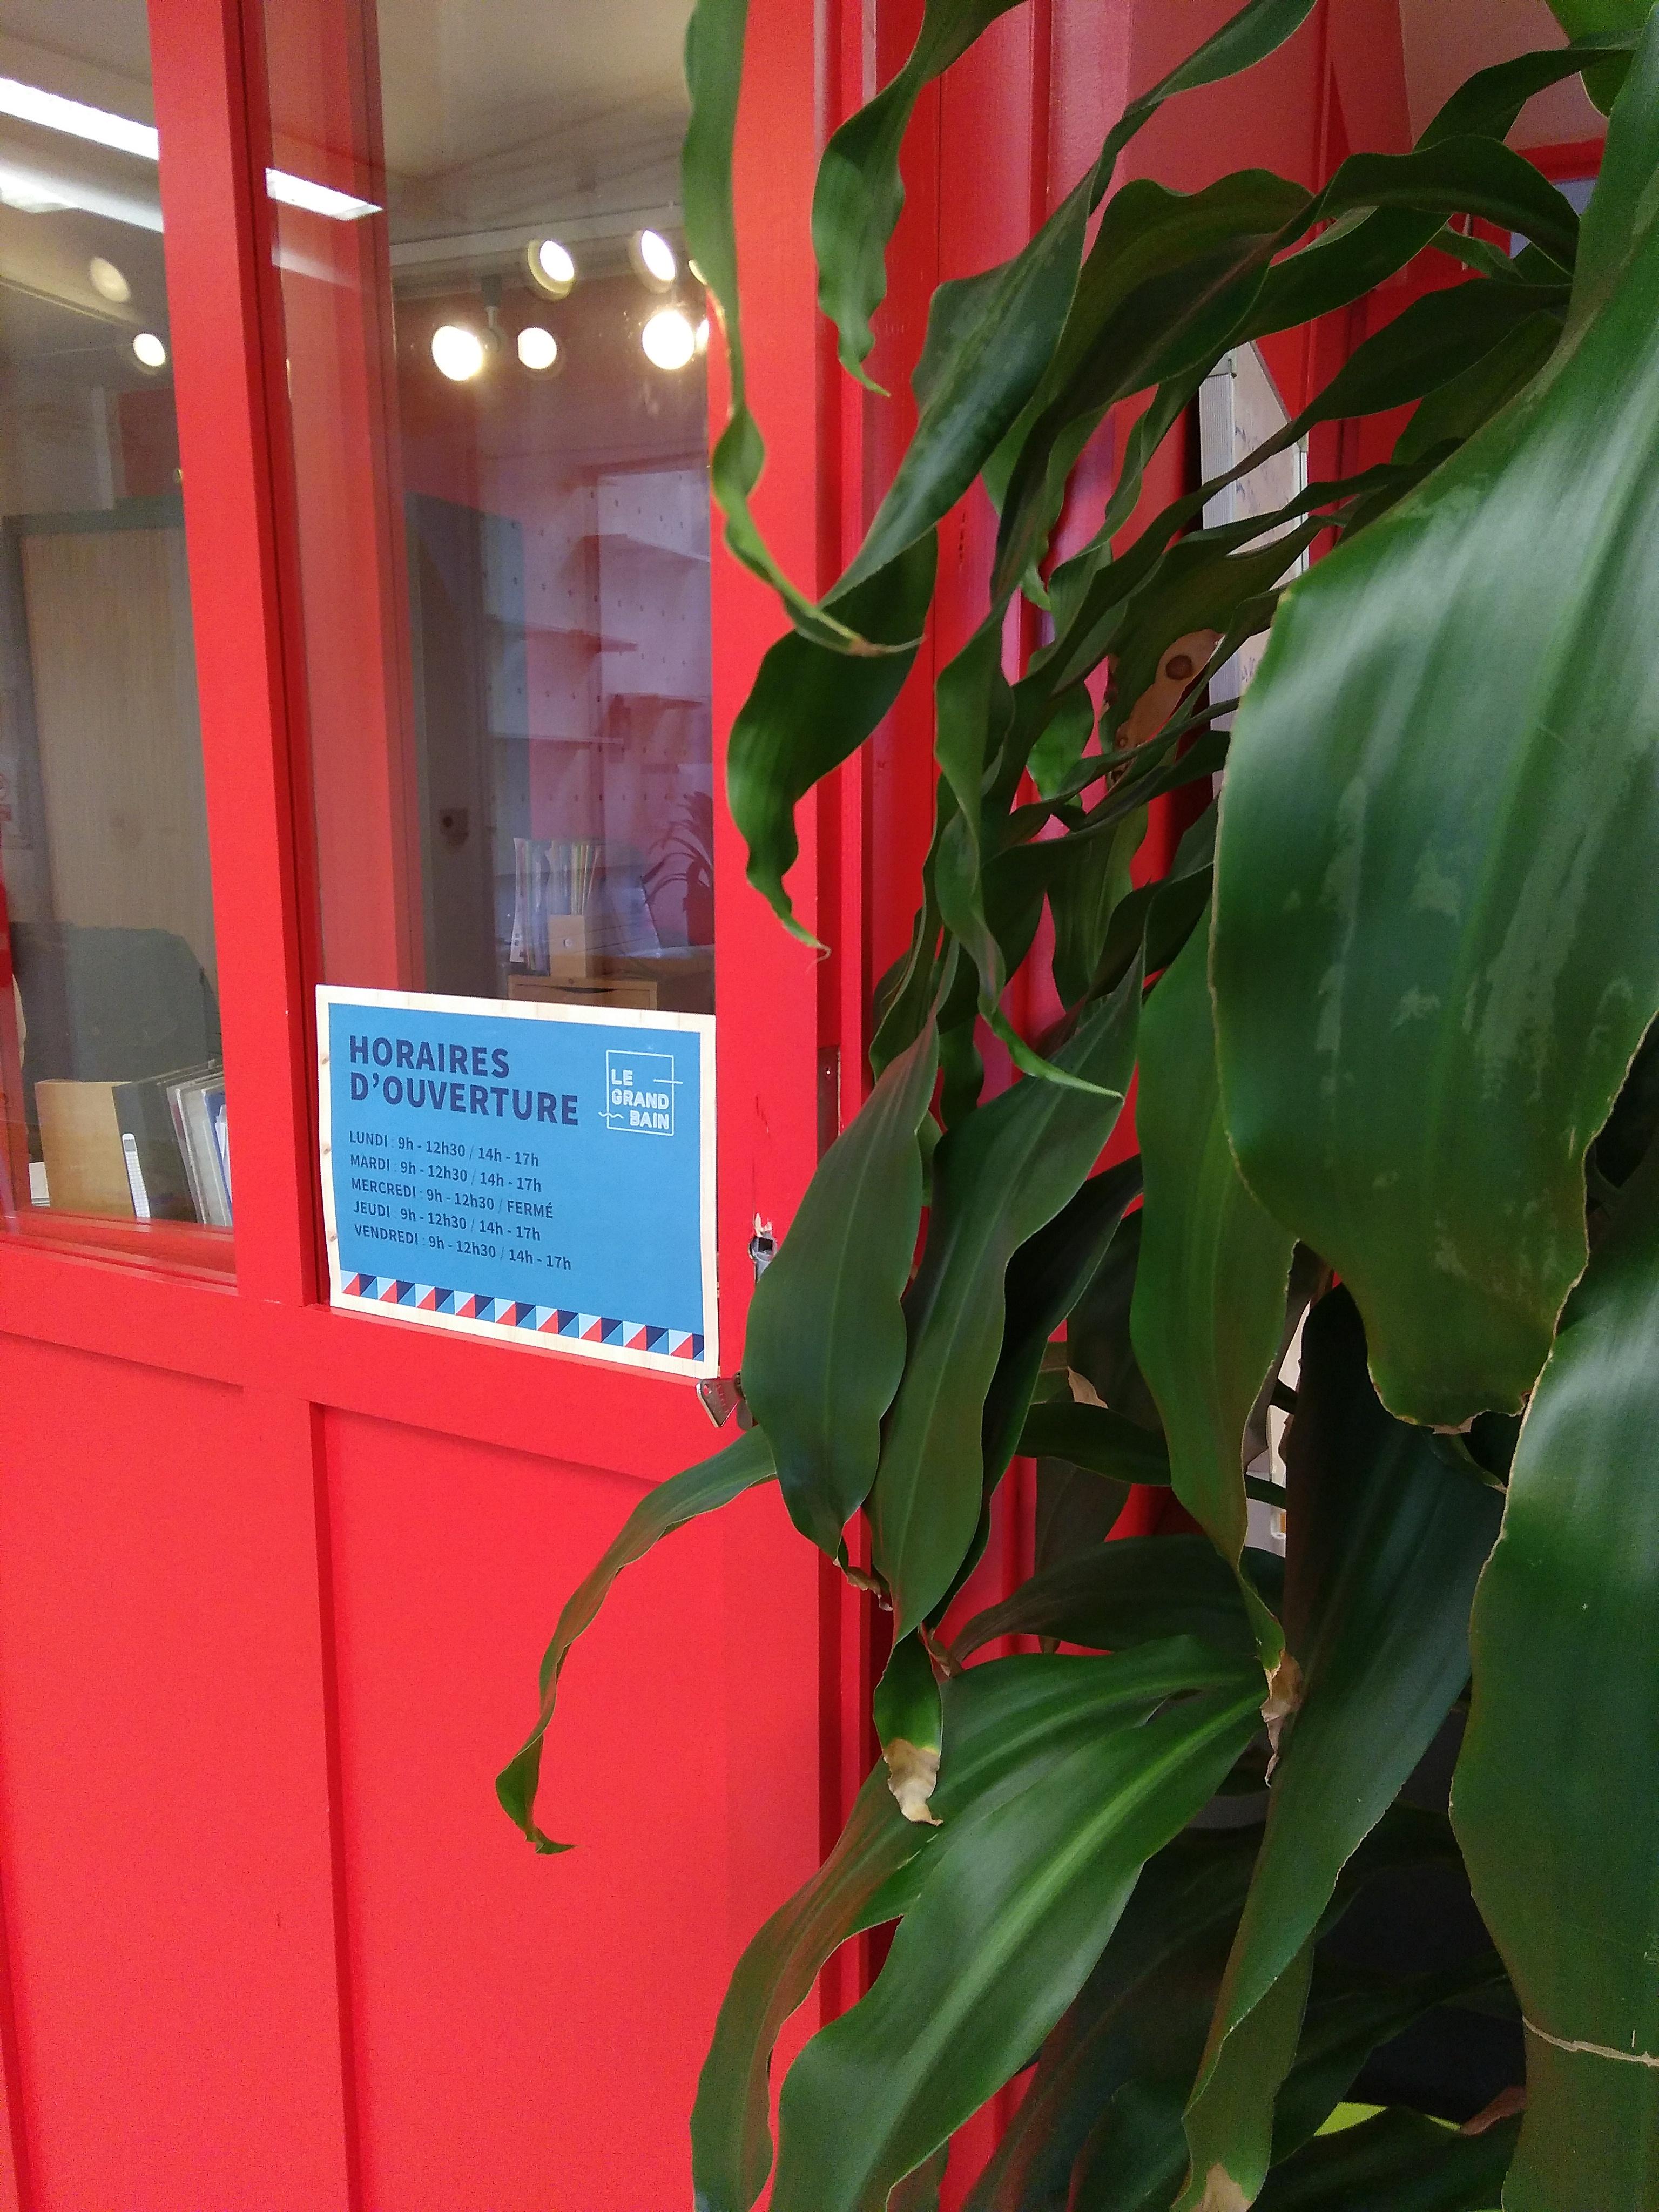 Accueil et horaires d'ouverture (Le Grand Bain, Nantes)